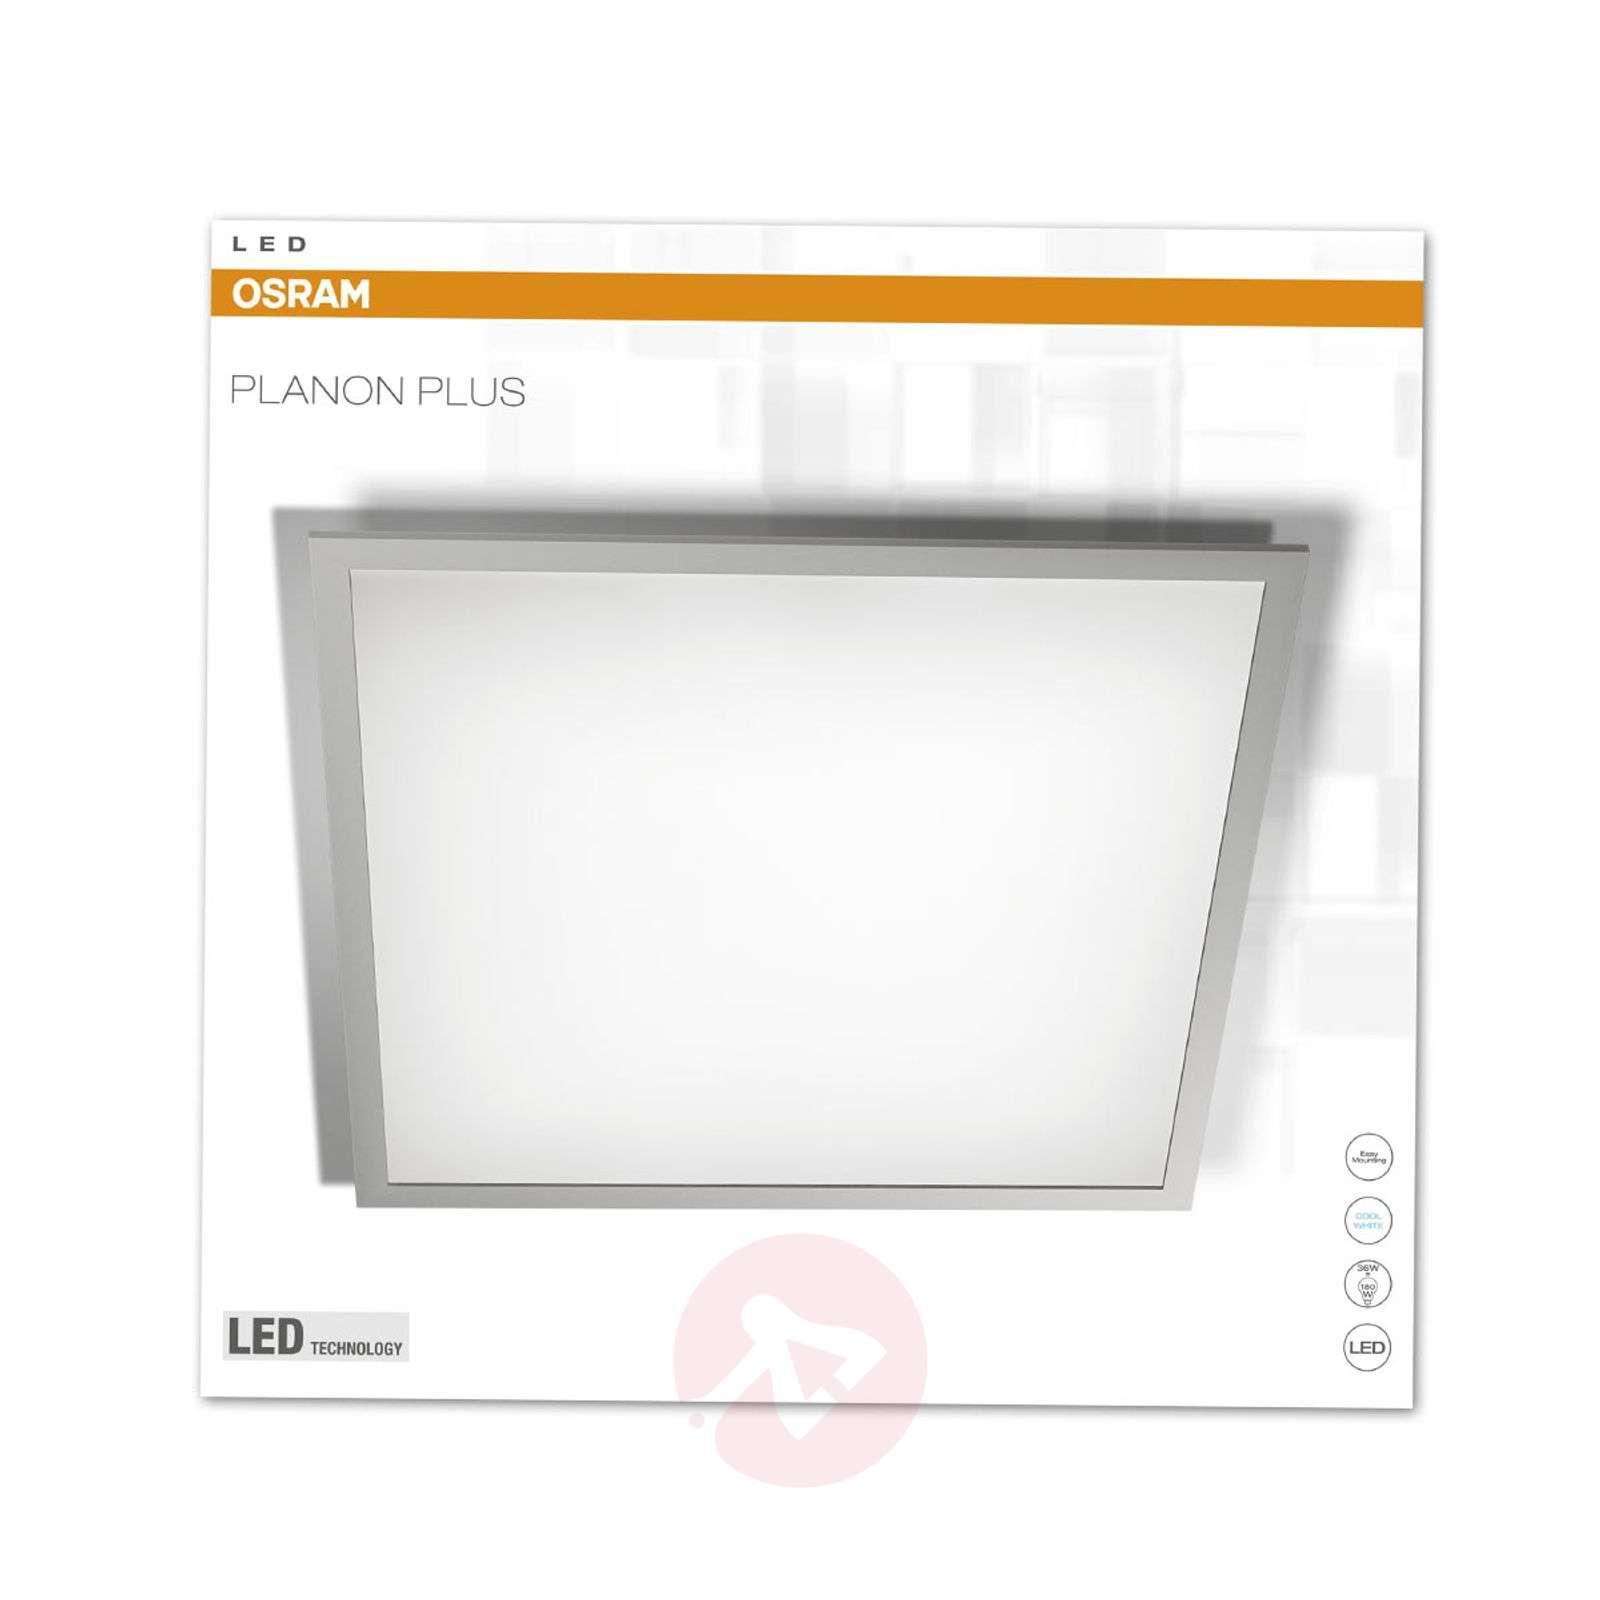 LED-paneeli Planon Plus, neutraali valkoinen-7261228-01